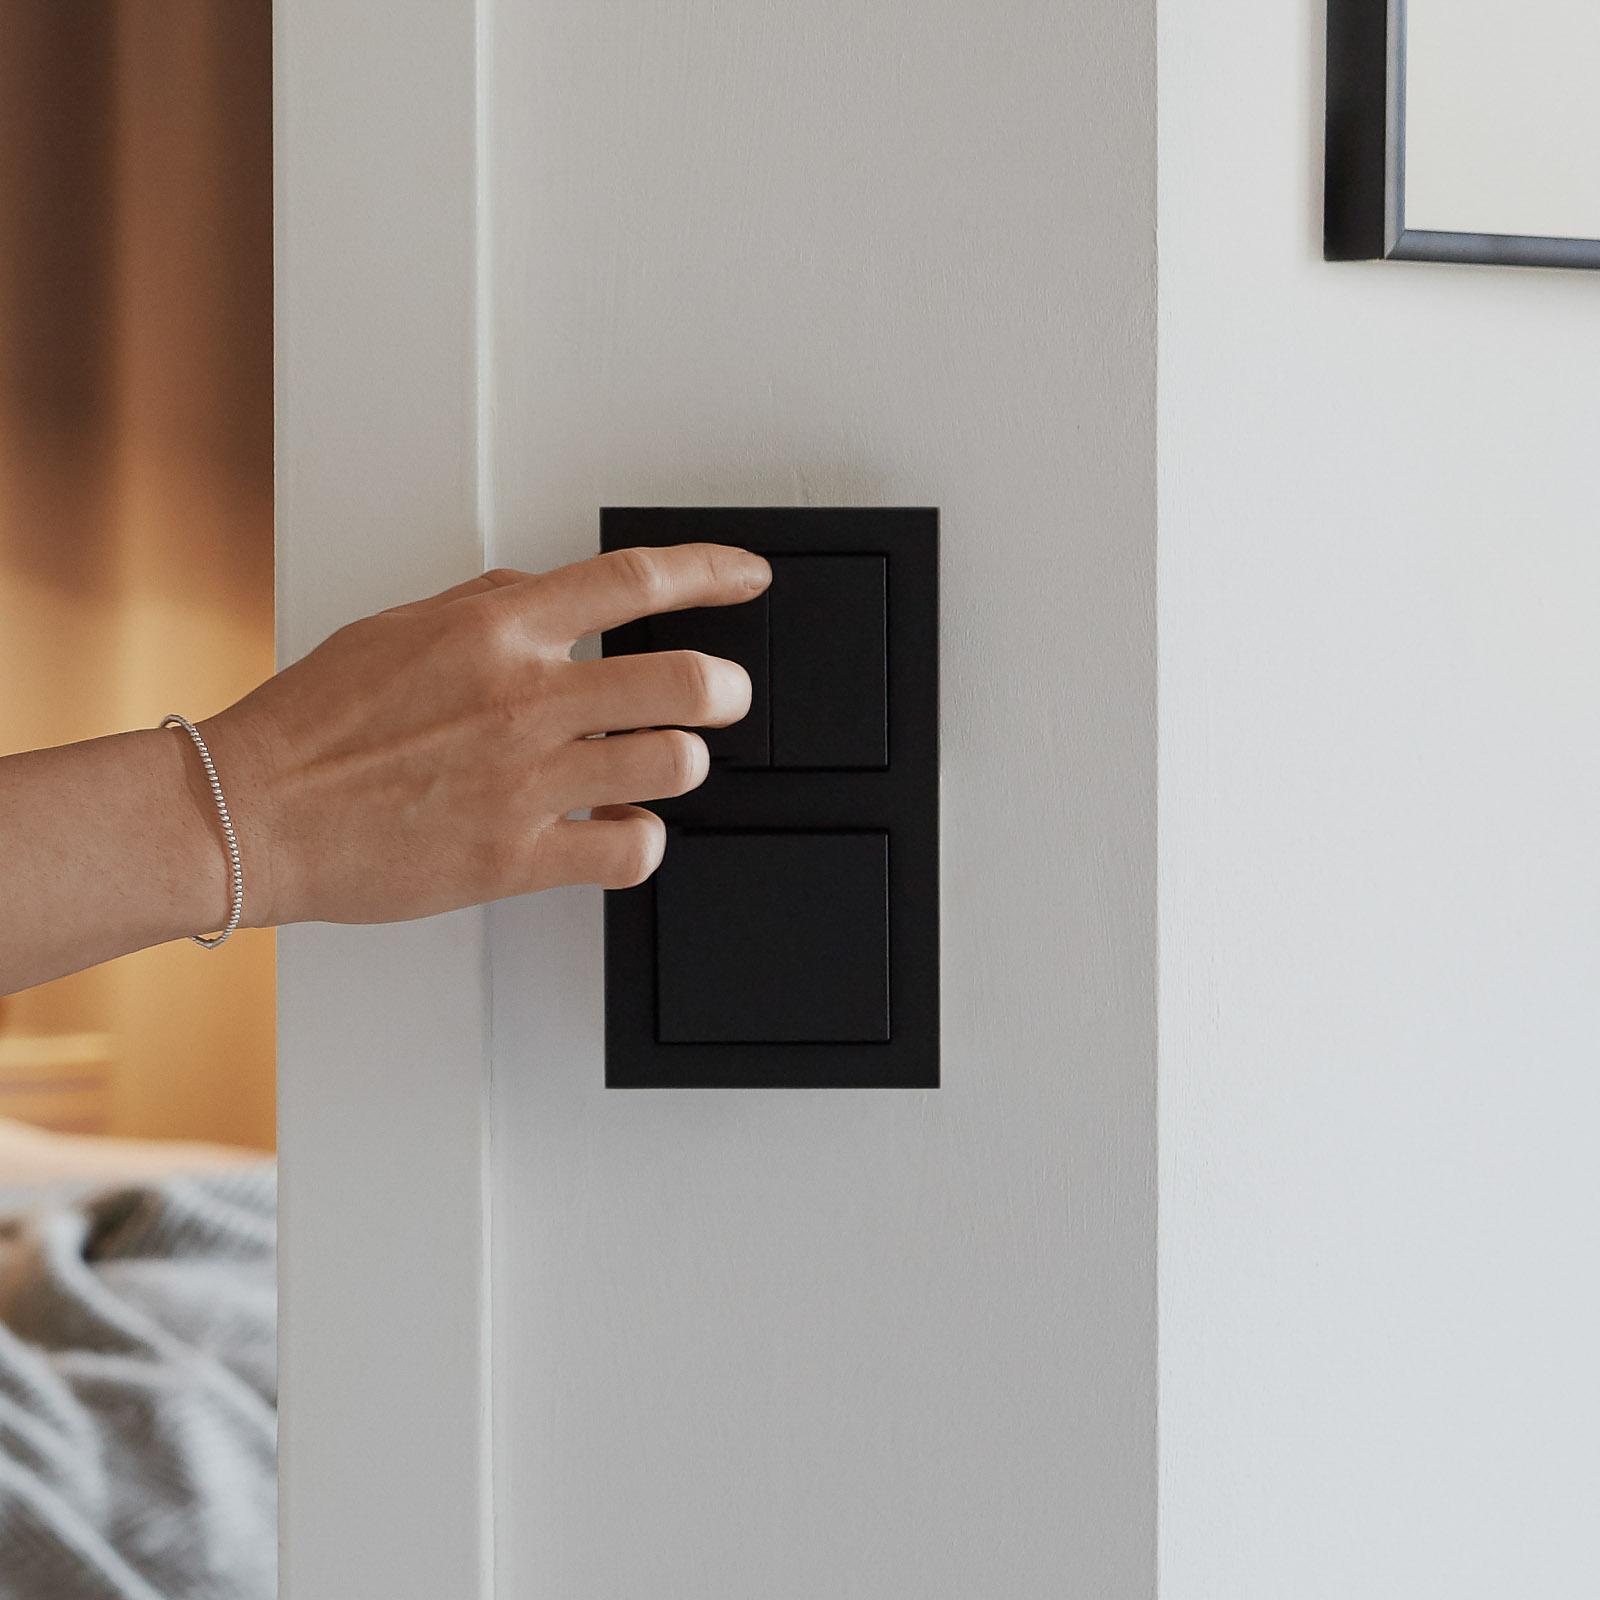 Senic Smart Switch Philips Hue, 3-er, schwarz matt